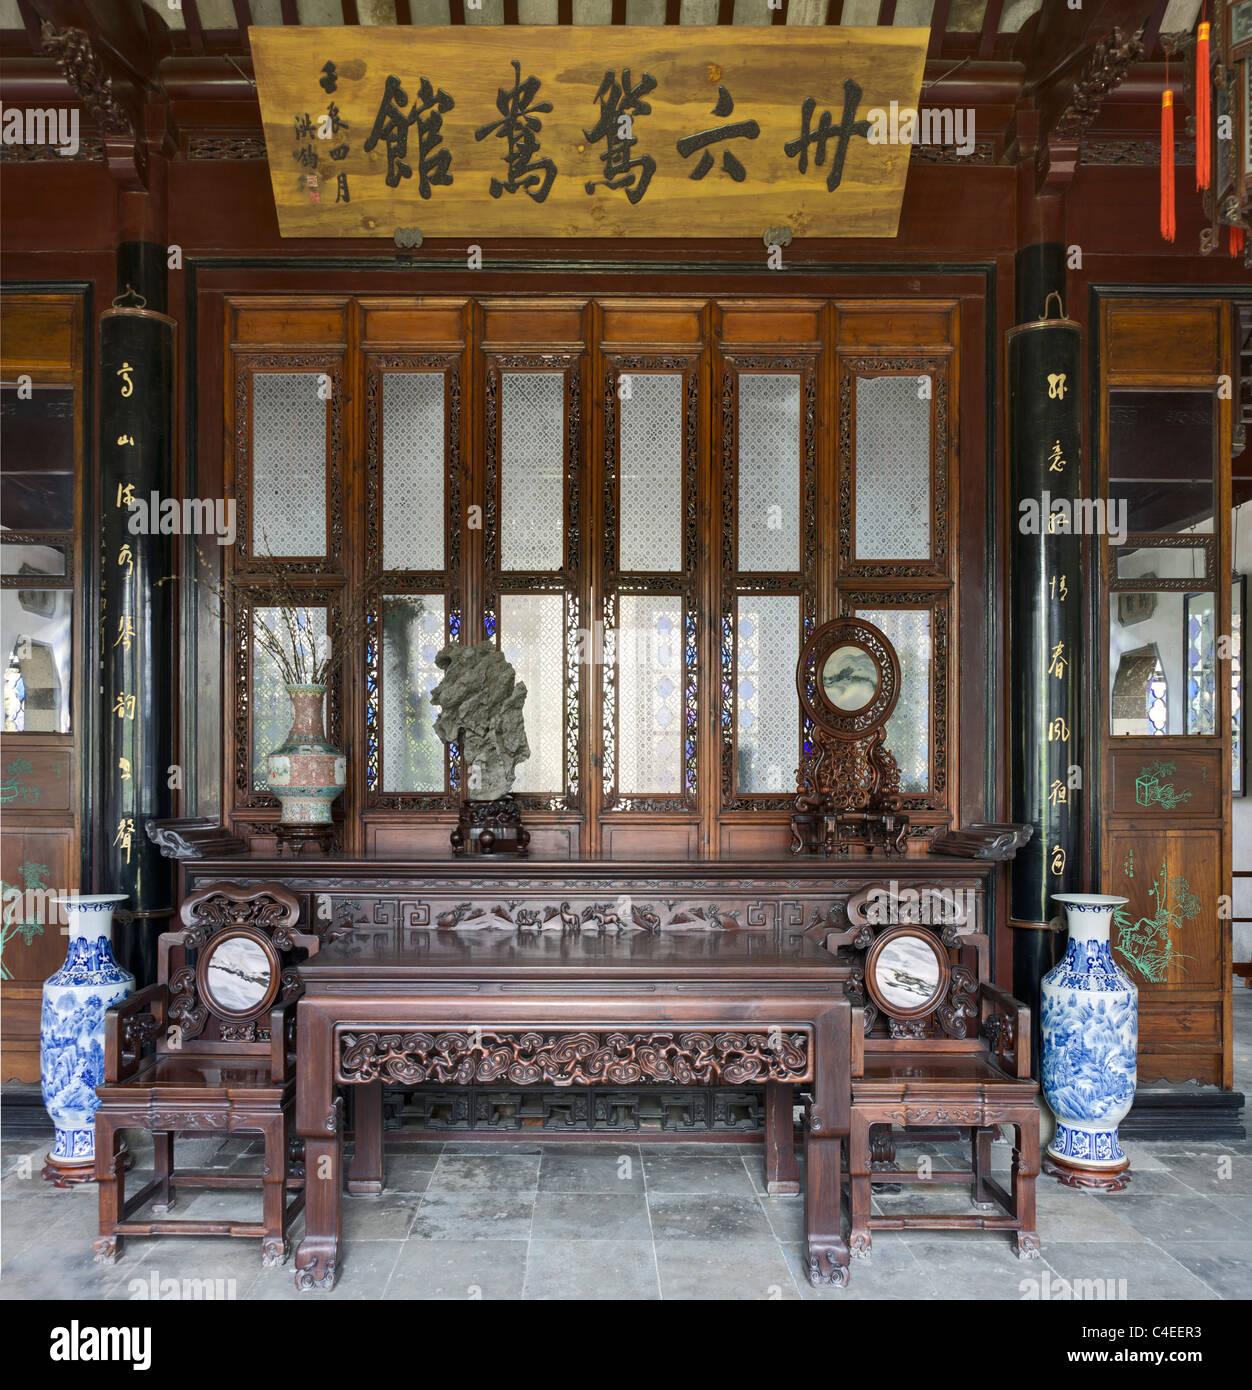 Hall de trente-six paires de canards mandarins dans l'Humble Administrator's Garden (Zhuozheng Yuan) Suzhou. Photo Stock